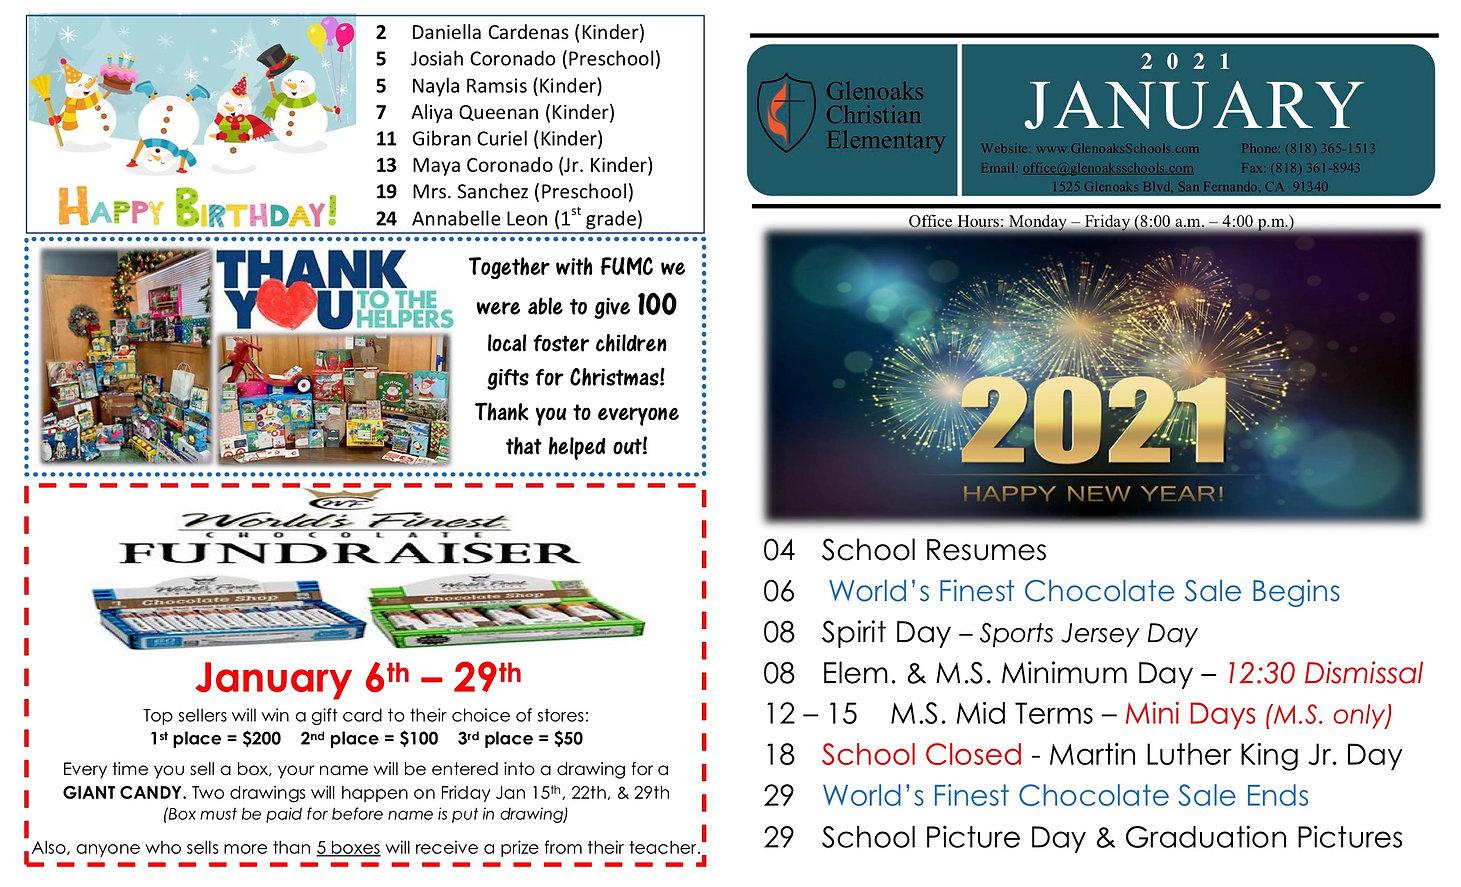 Newsletter - JAN 2021 (1).jpg